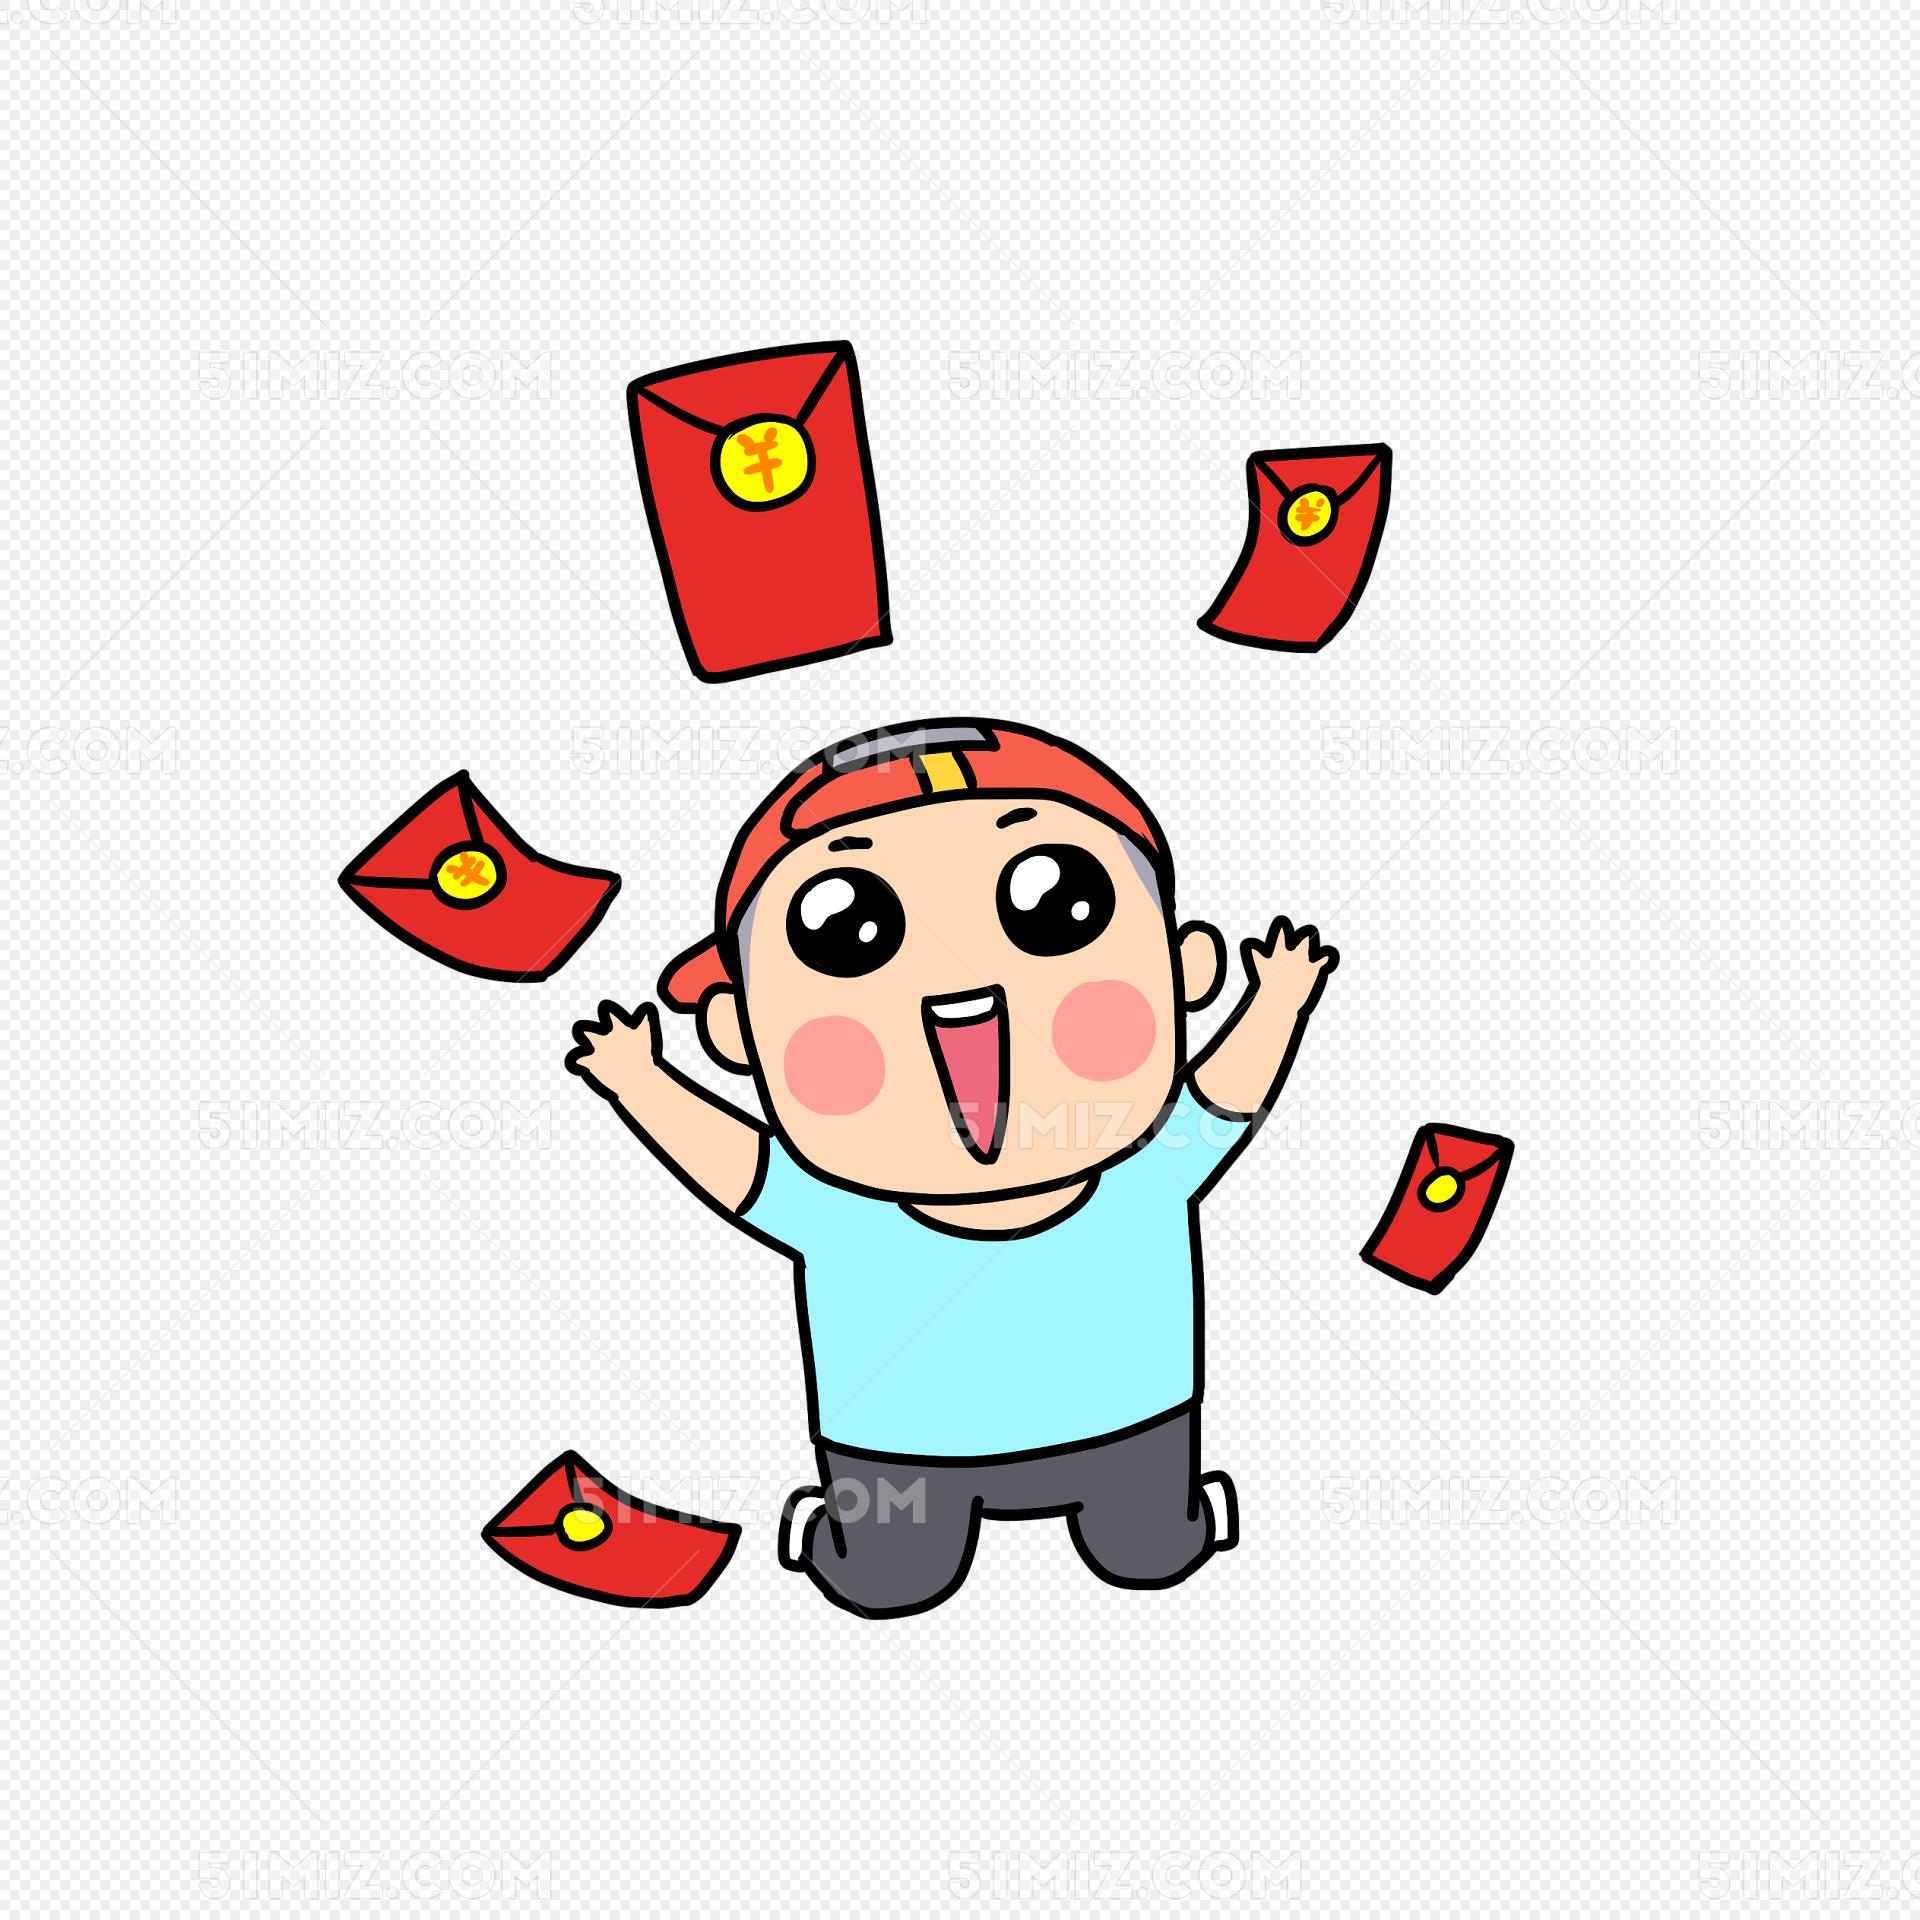 红包满天飞卡通人物手绘插画